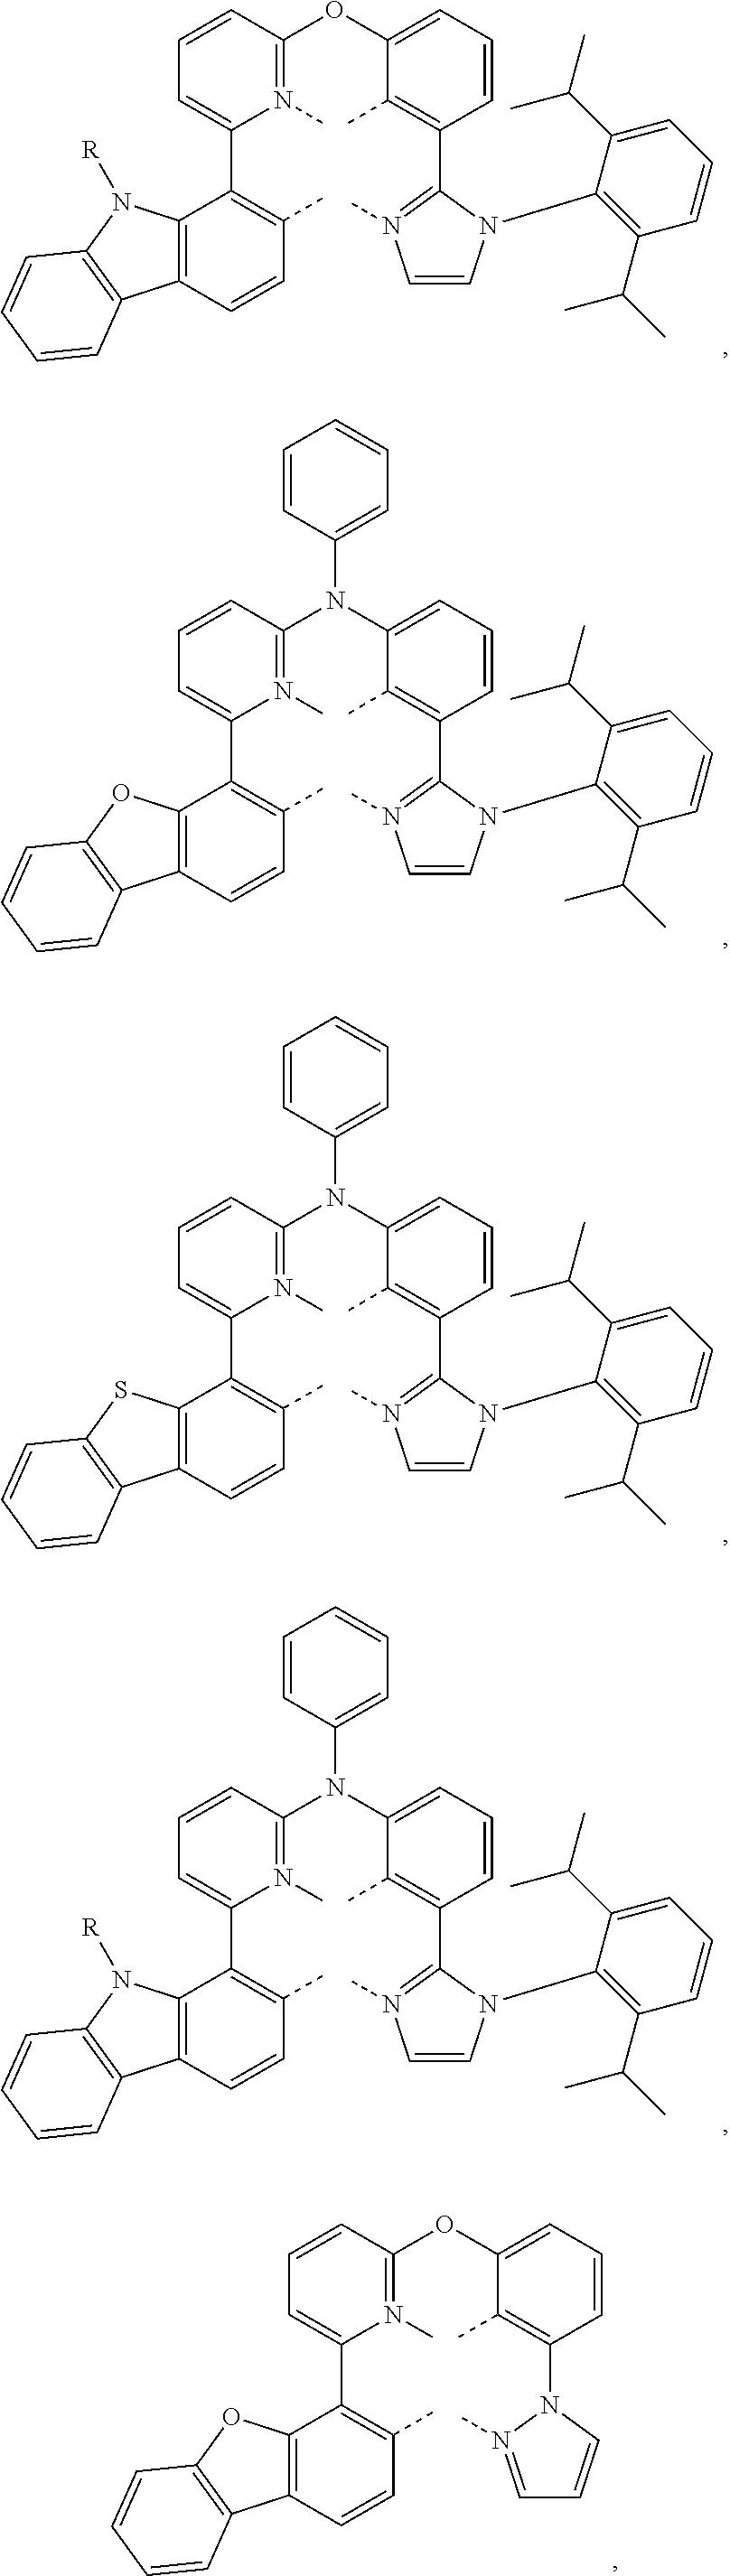 Figure US10056565-20180821-C00022